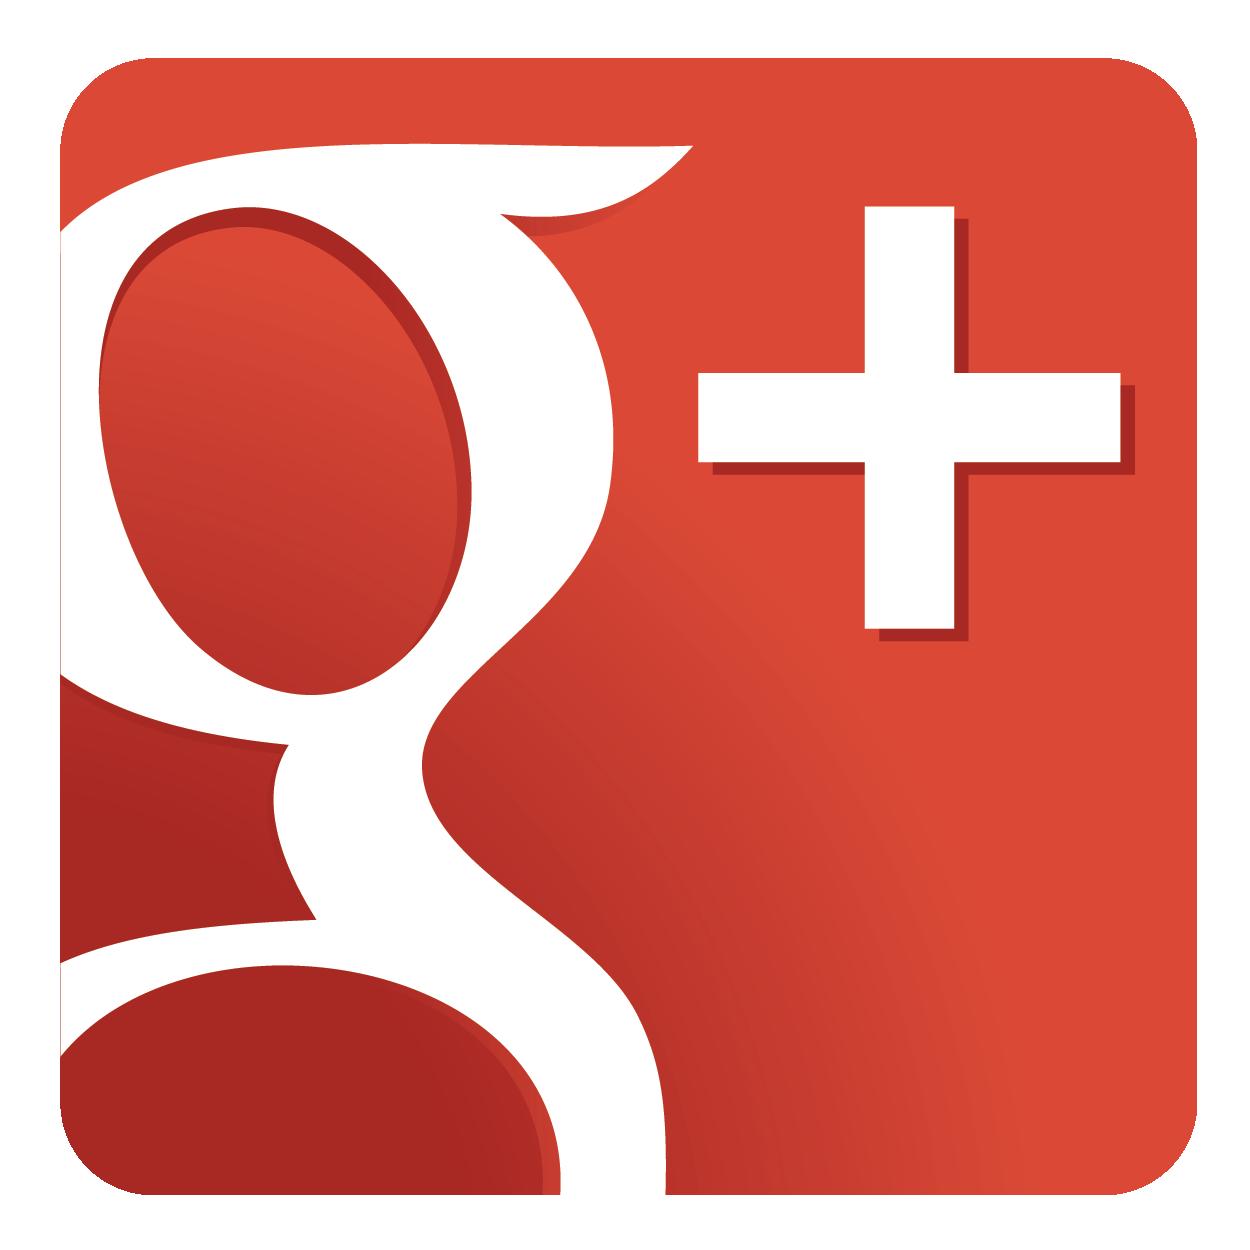 Google+ Woondepot